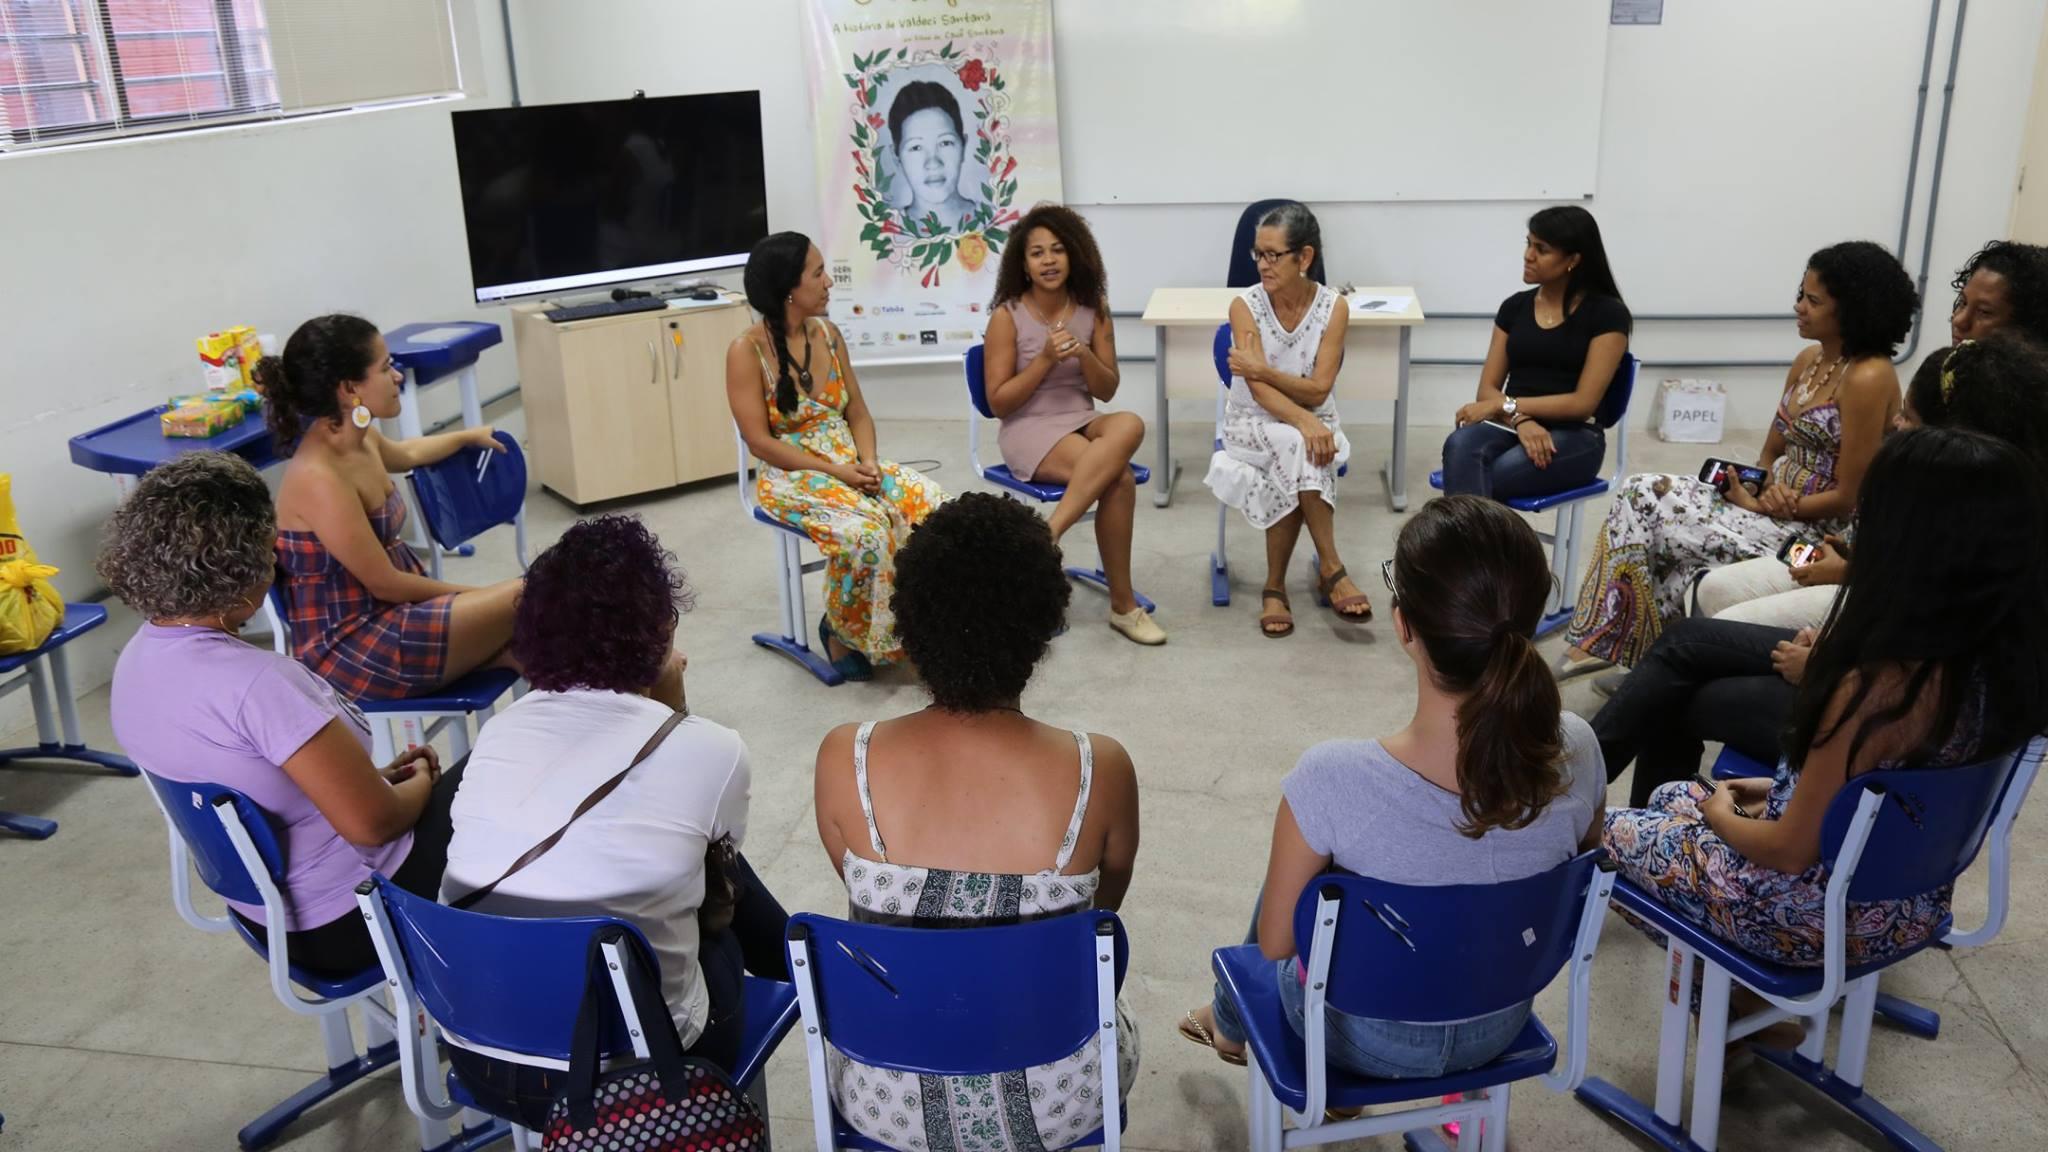 Roda de Conversa Saberes Populares Reflexões sobre o documentario Umbigo